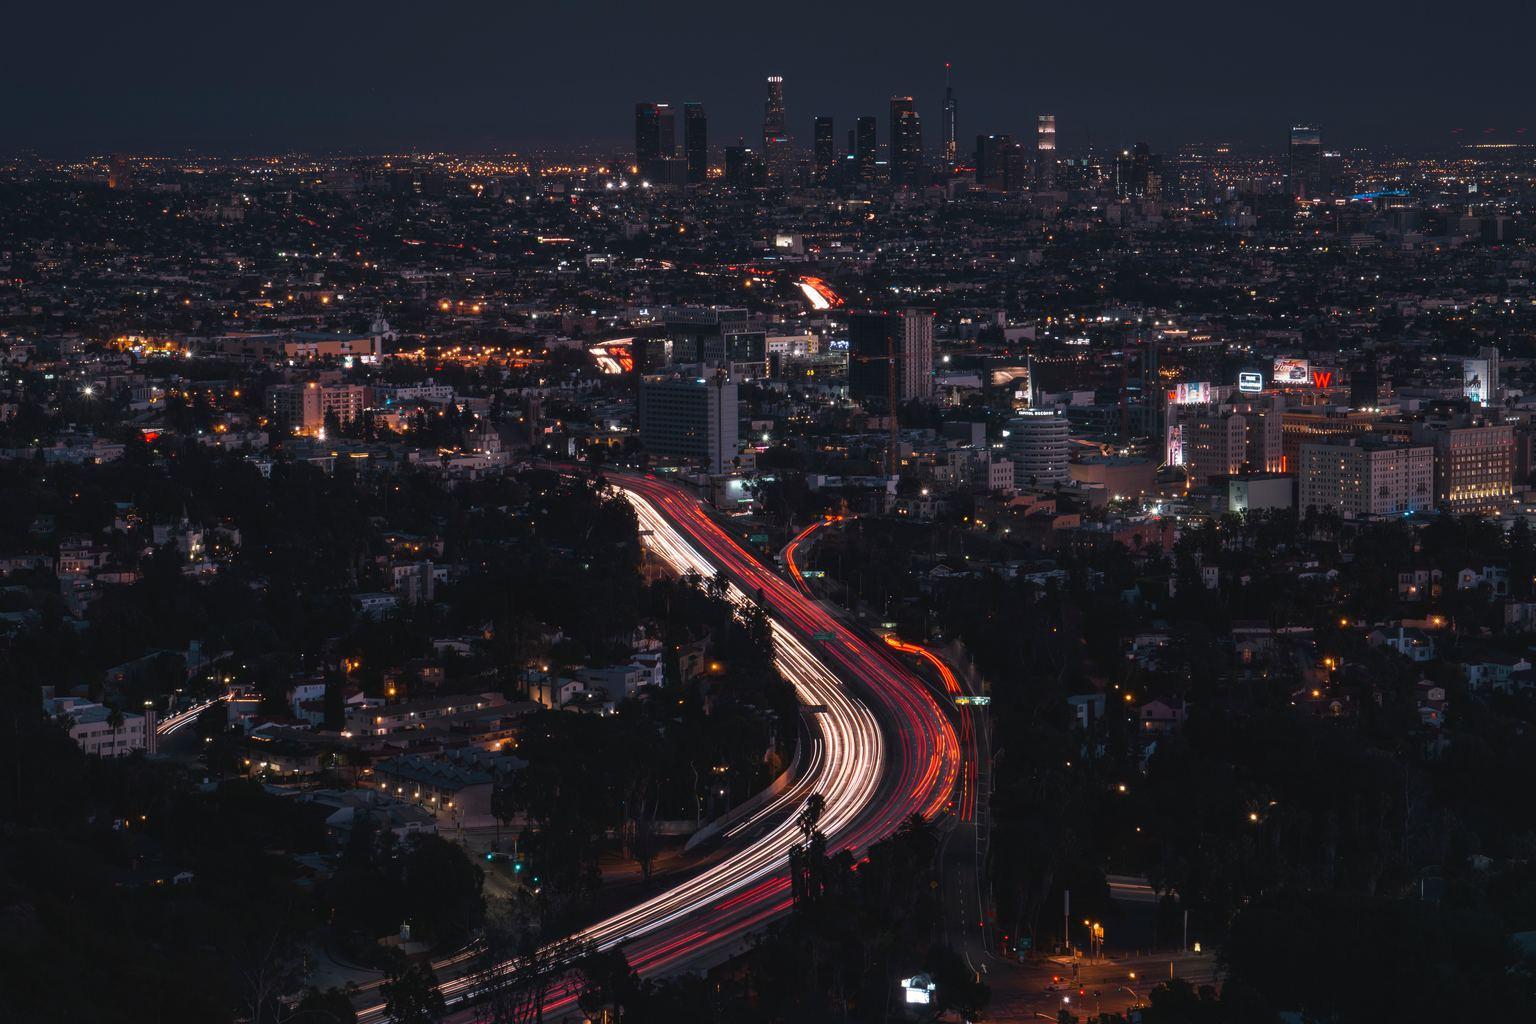 luces de coches en larga exposición